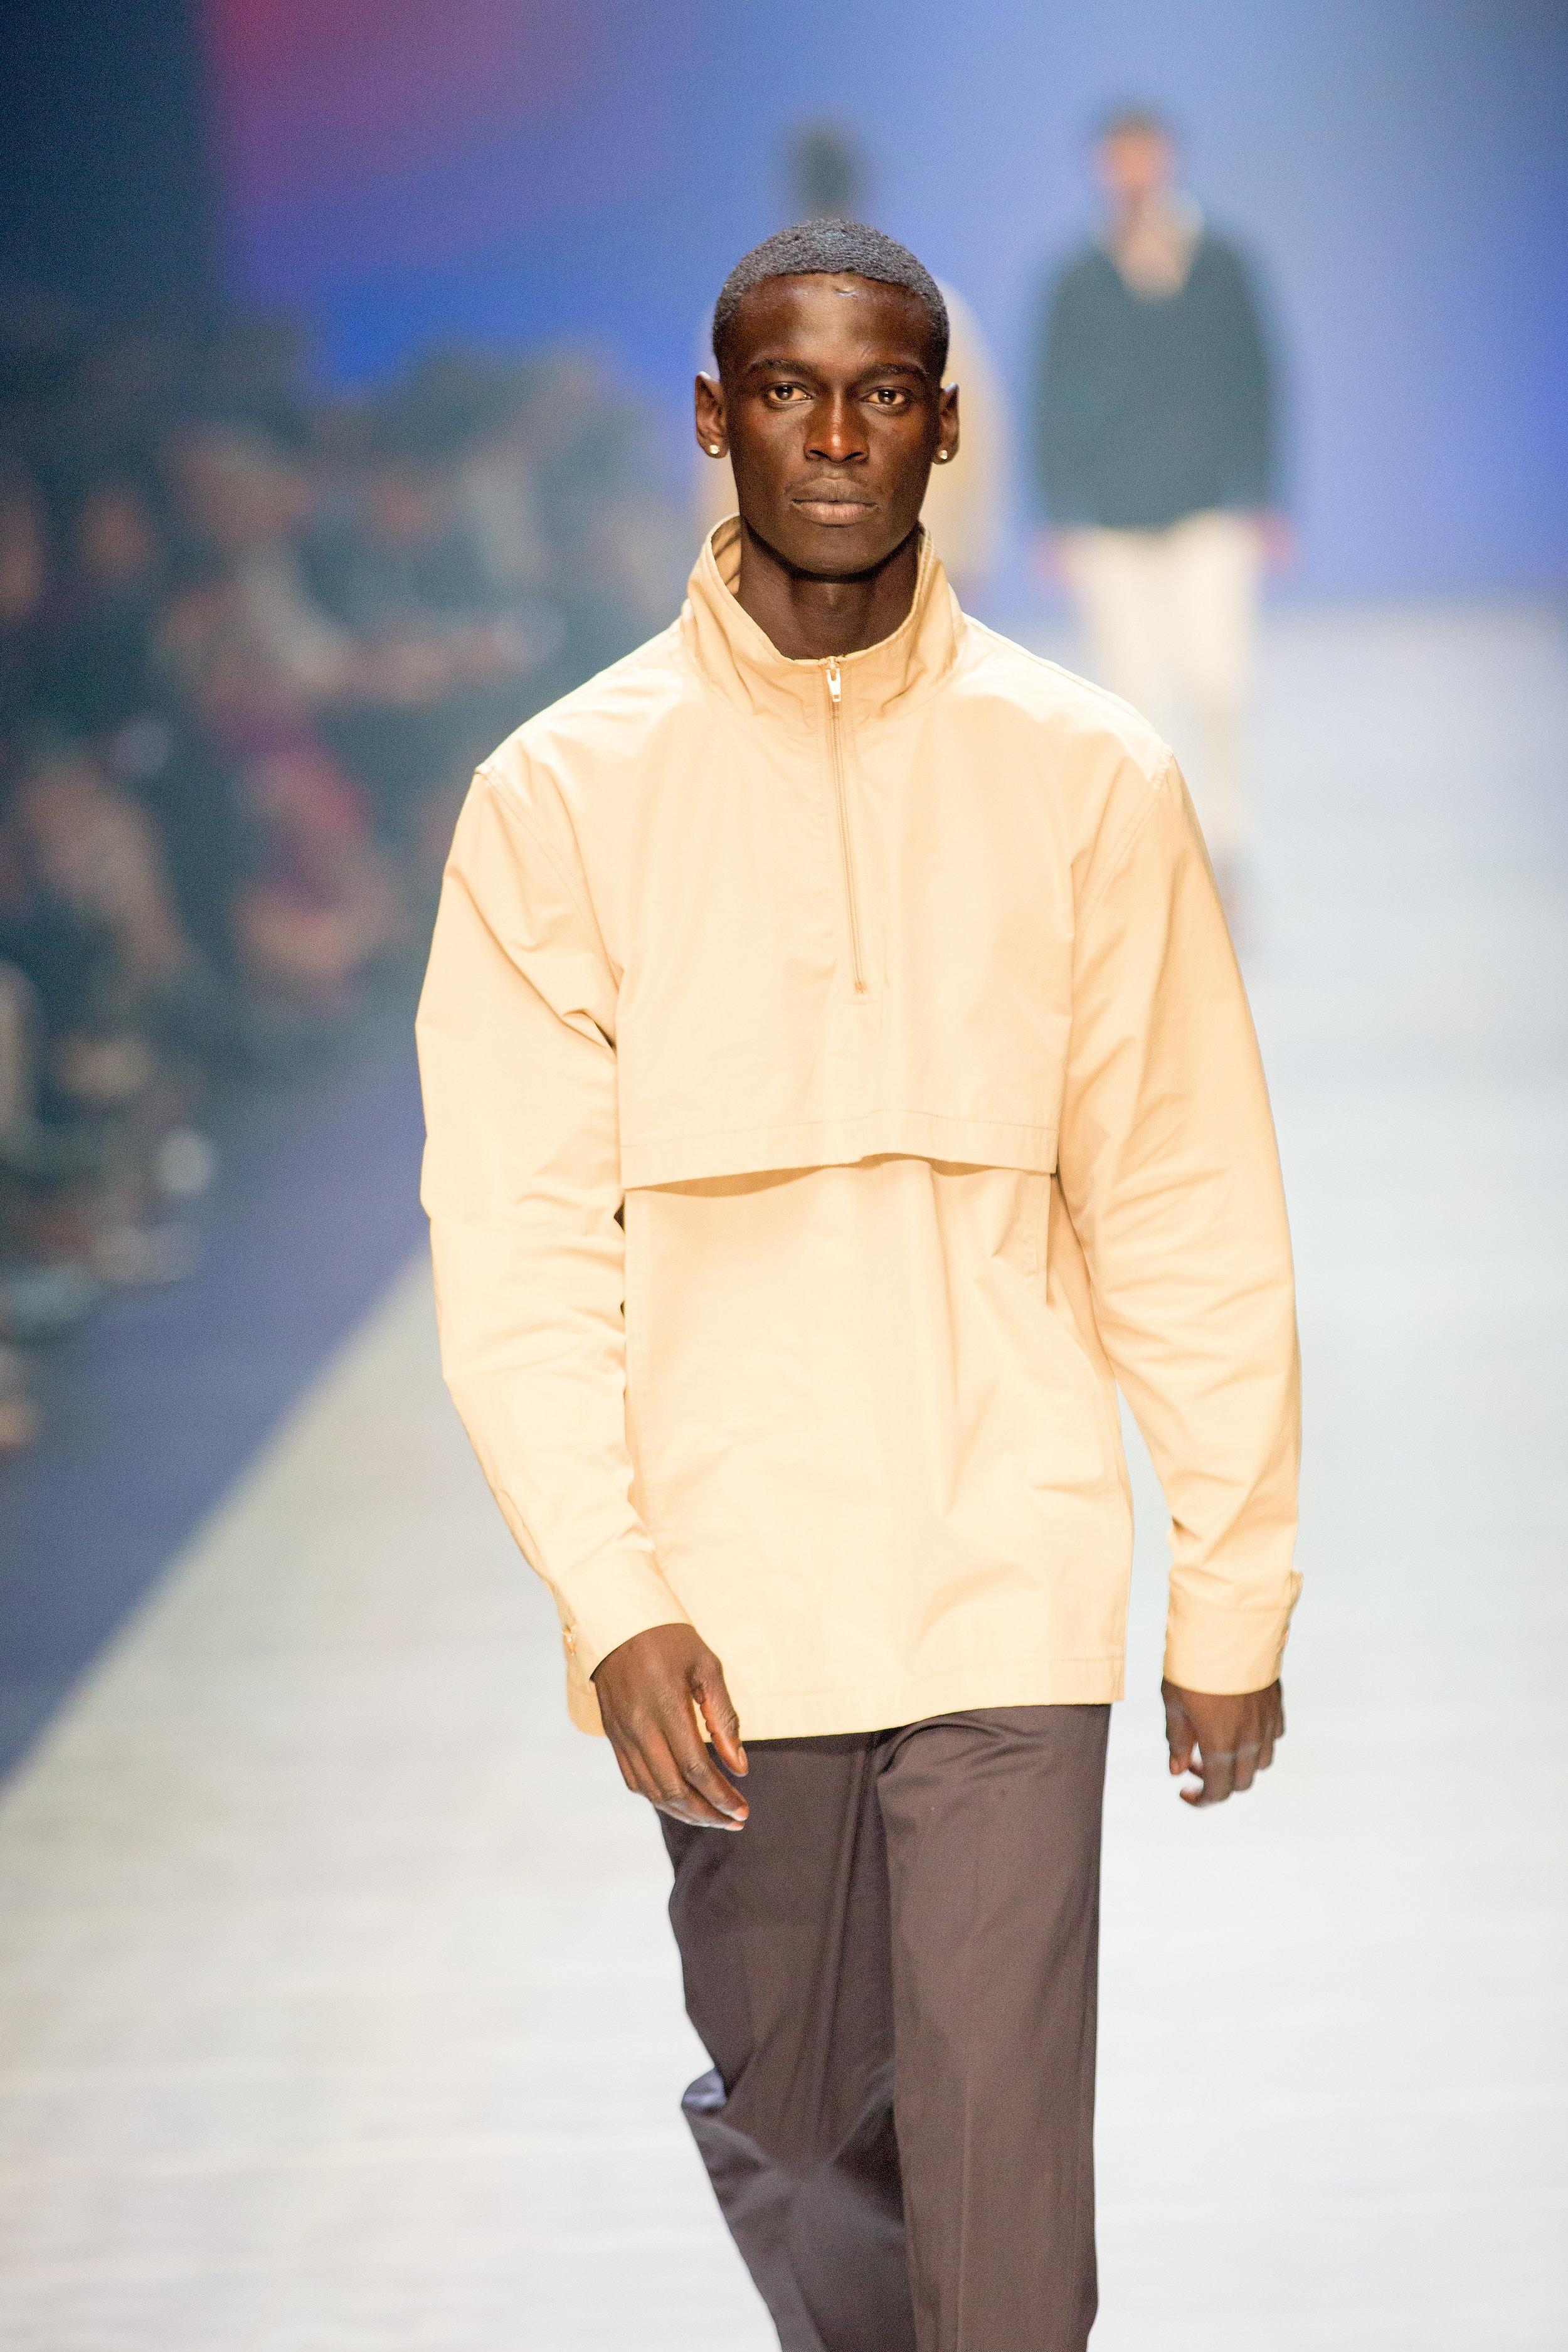 VAMFF2019_GQ Menswear-162.jpg